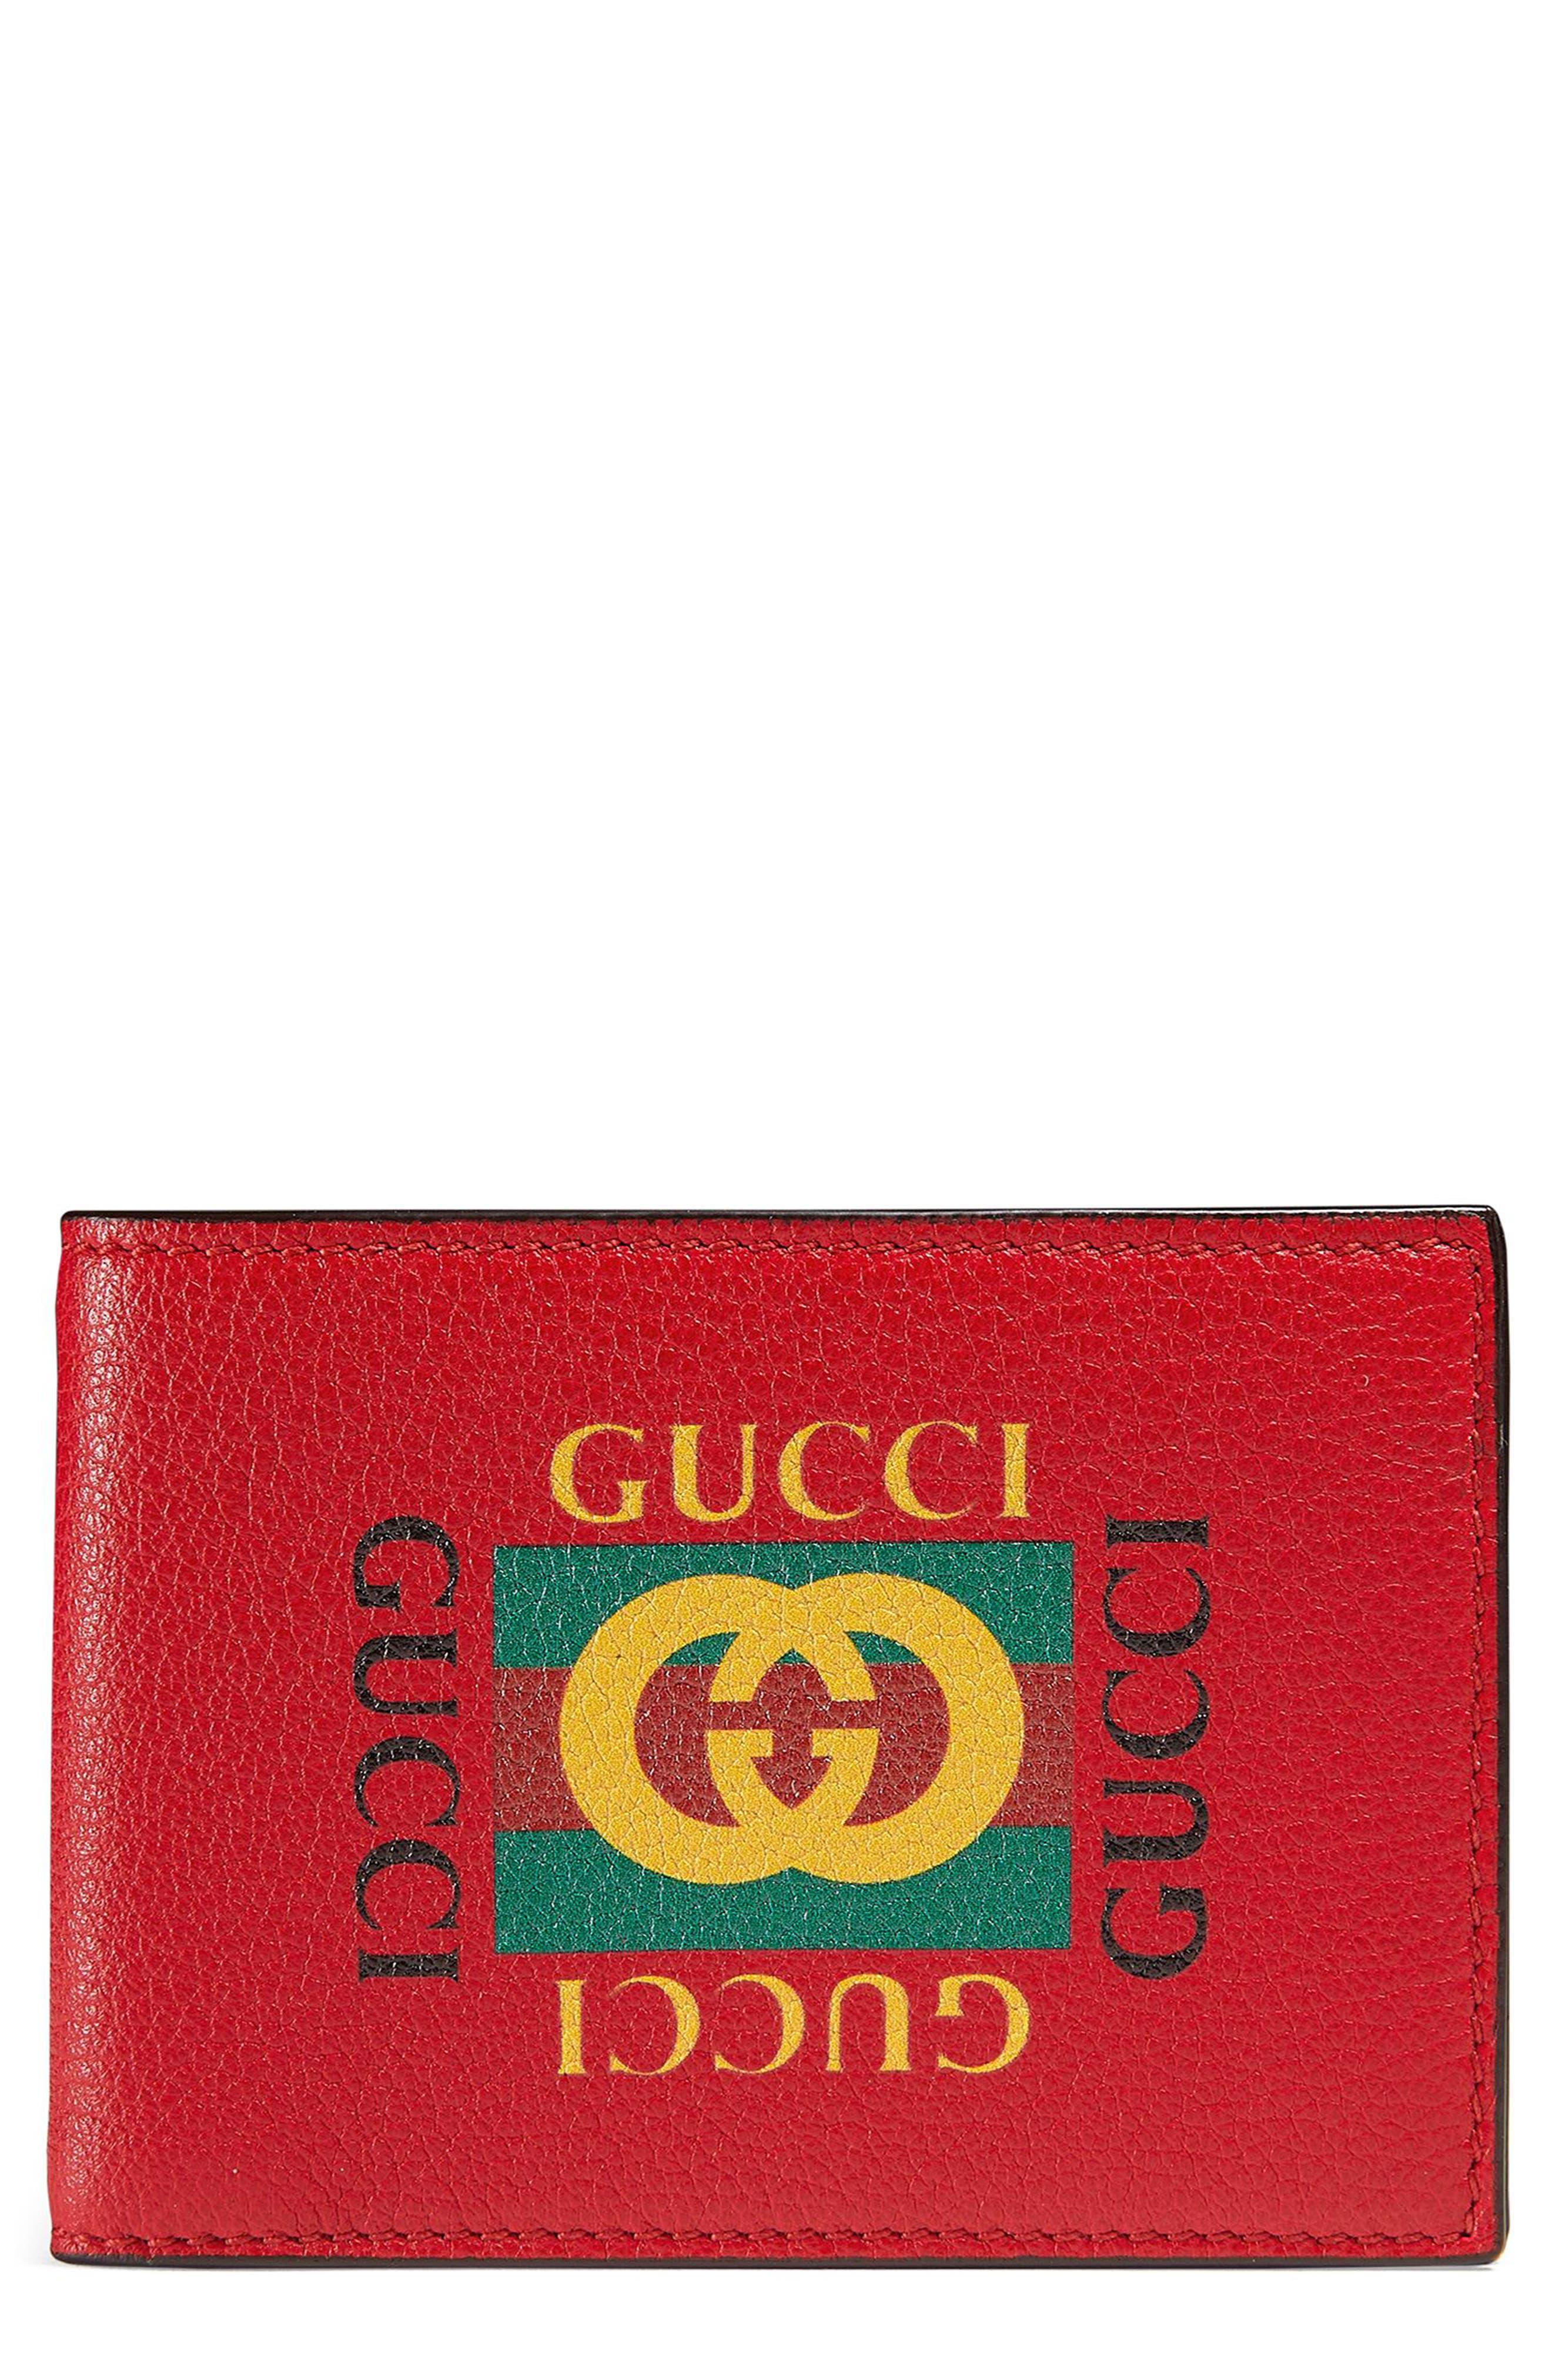 Main Image - Gucci Wallet